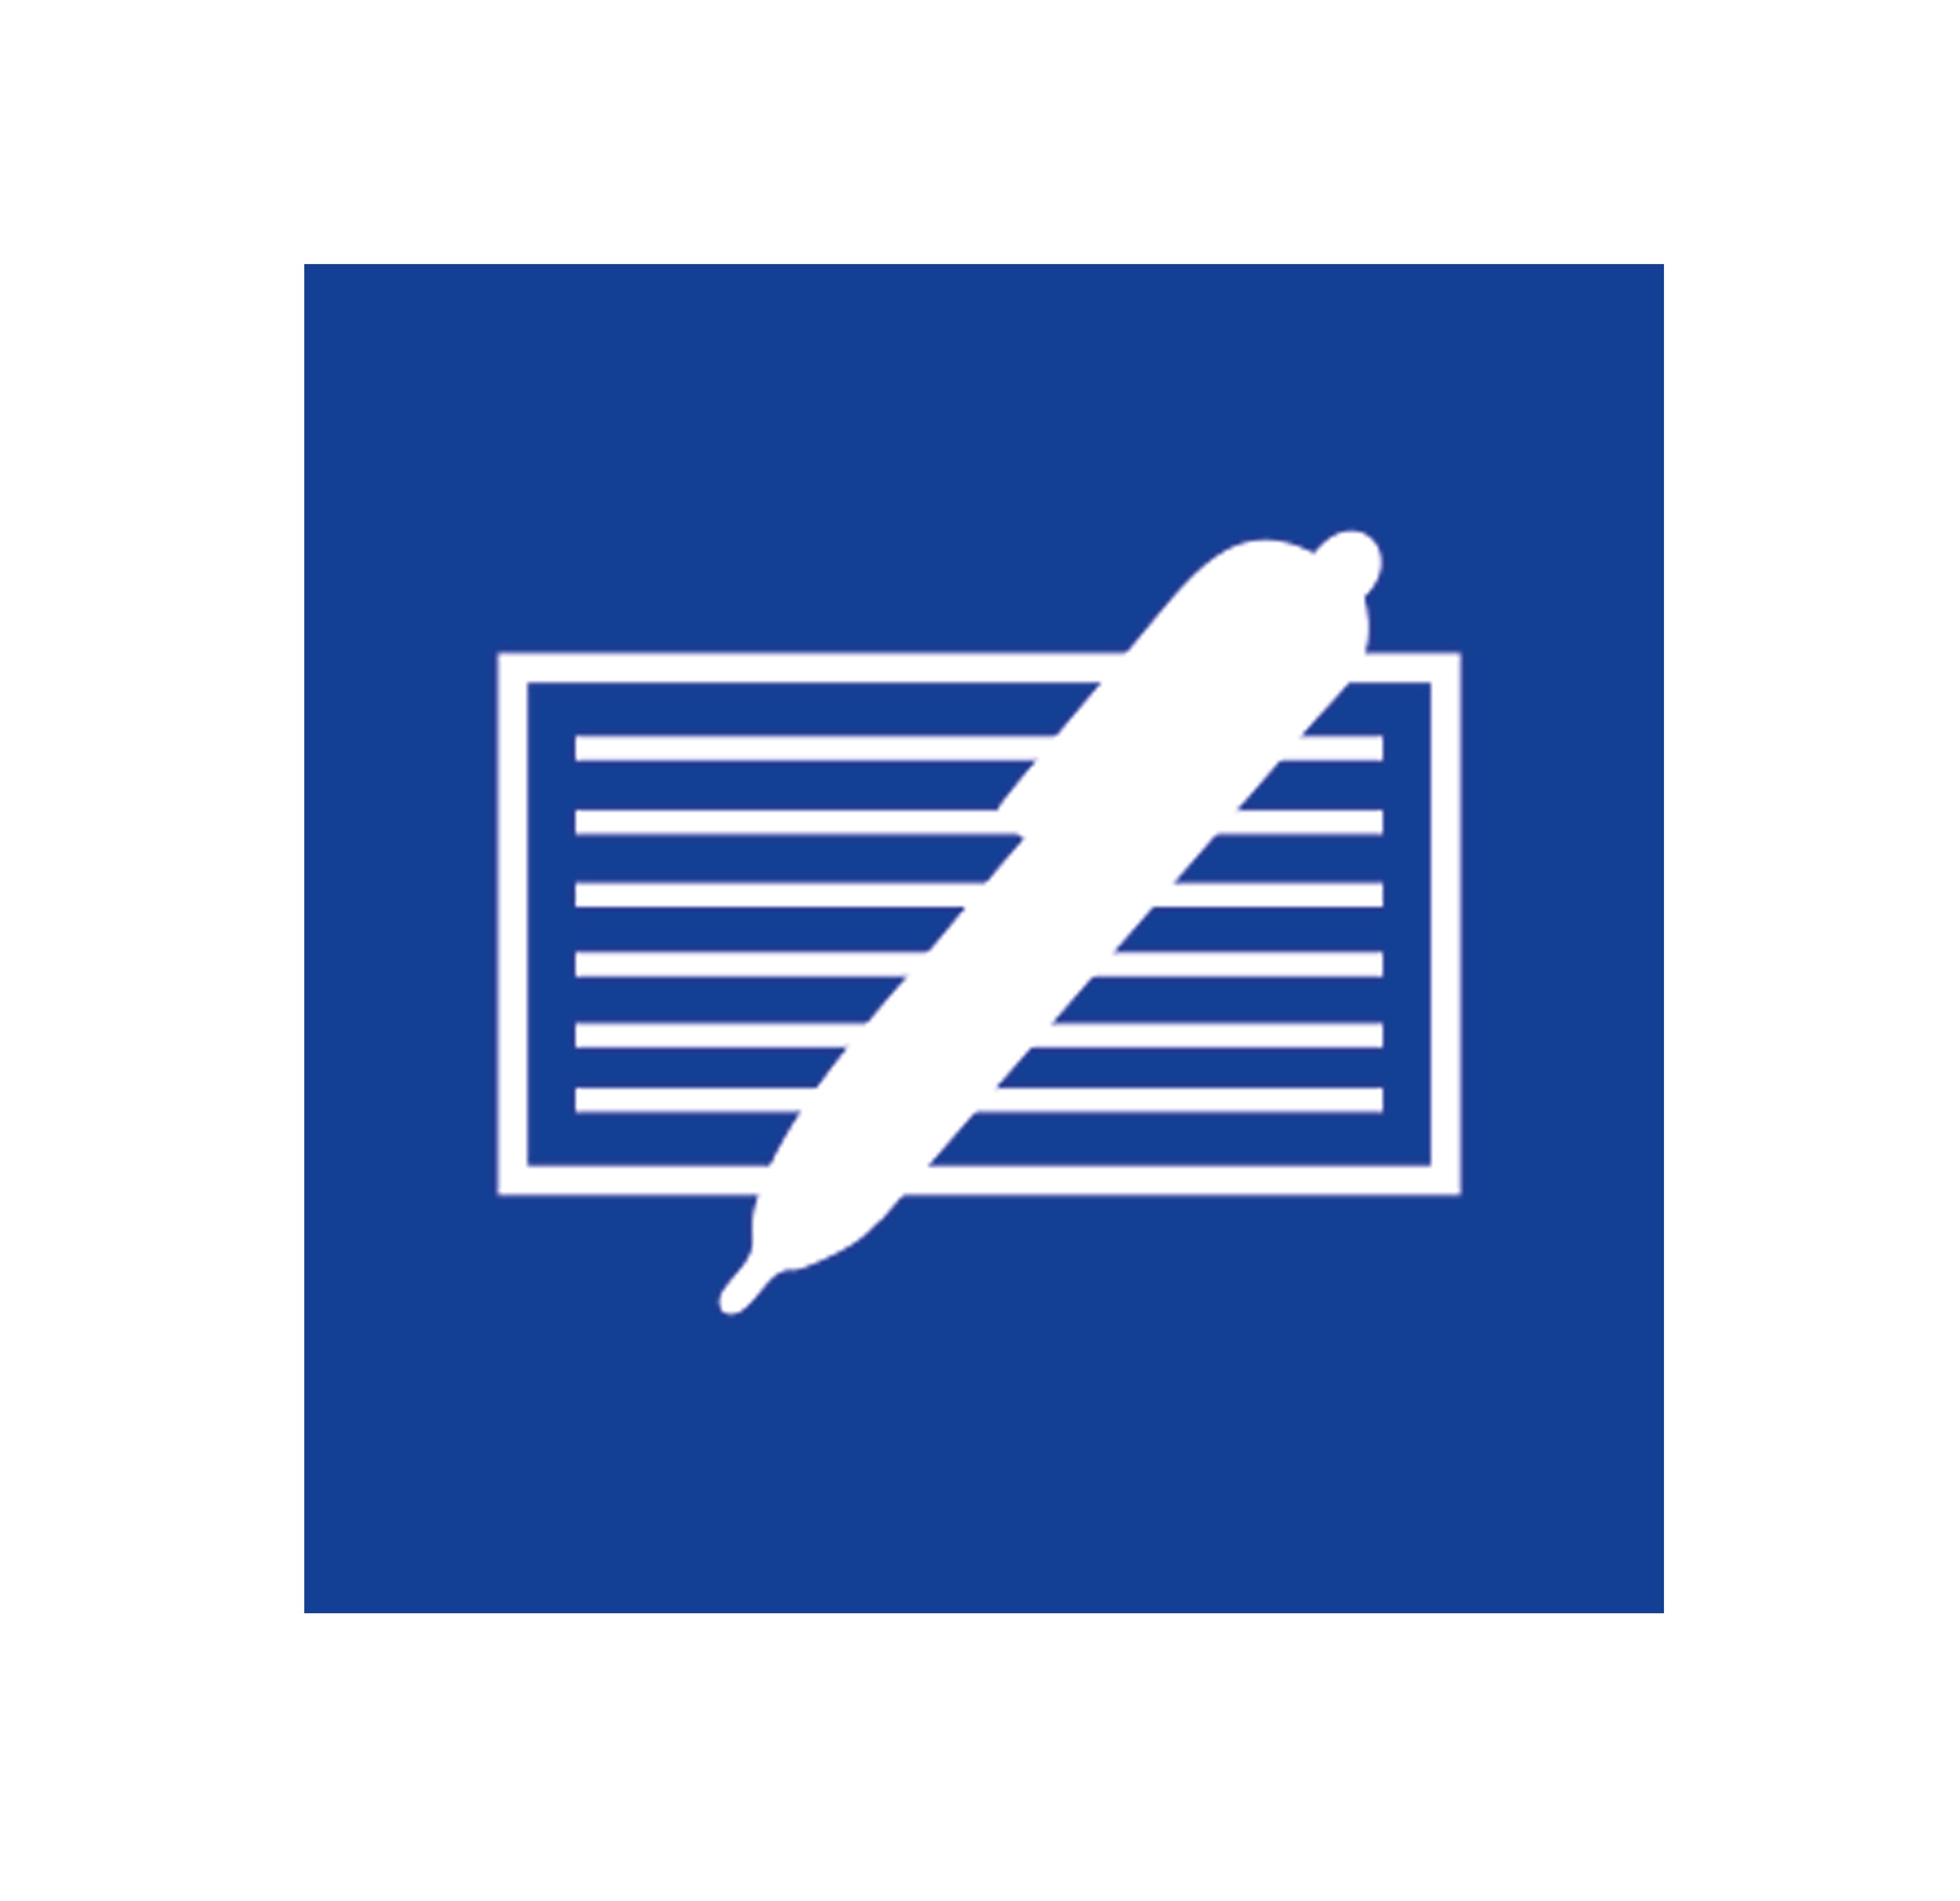 excanges-icon